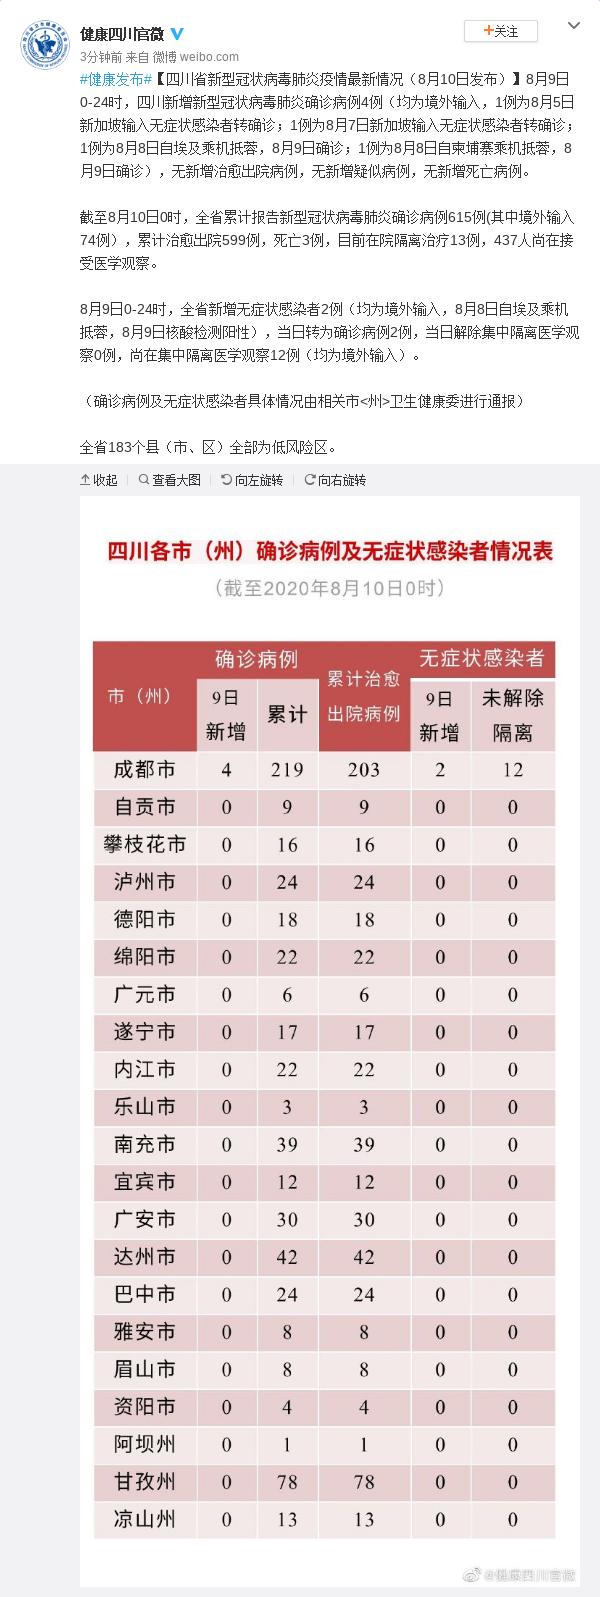 赢咖3娱乐官网:四川新增新冠肺炎确图片